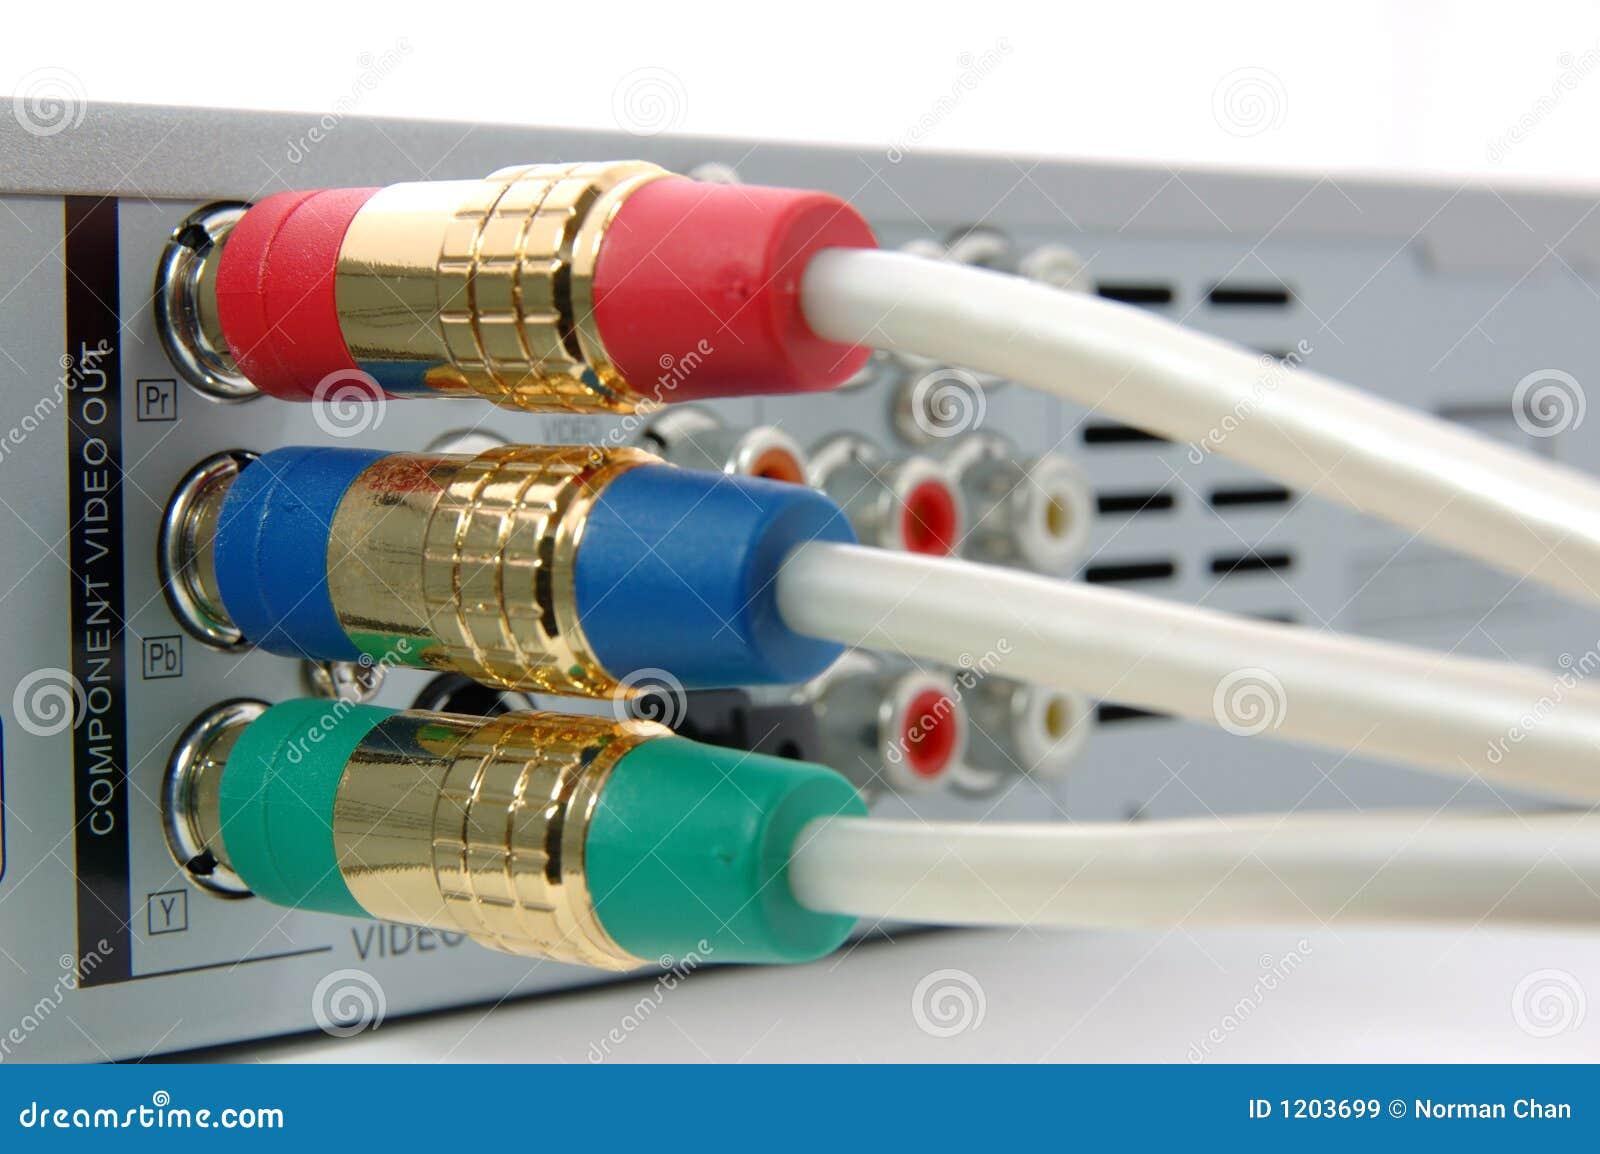 El cable video componente conectó el reproductor de DVD